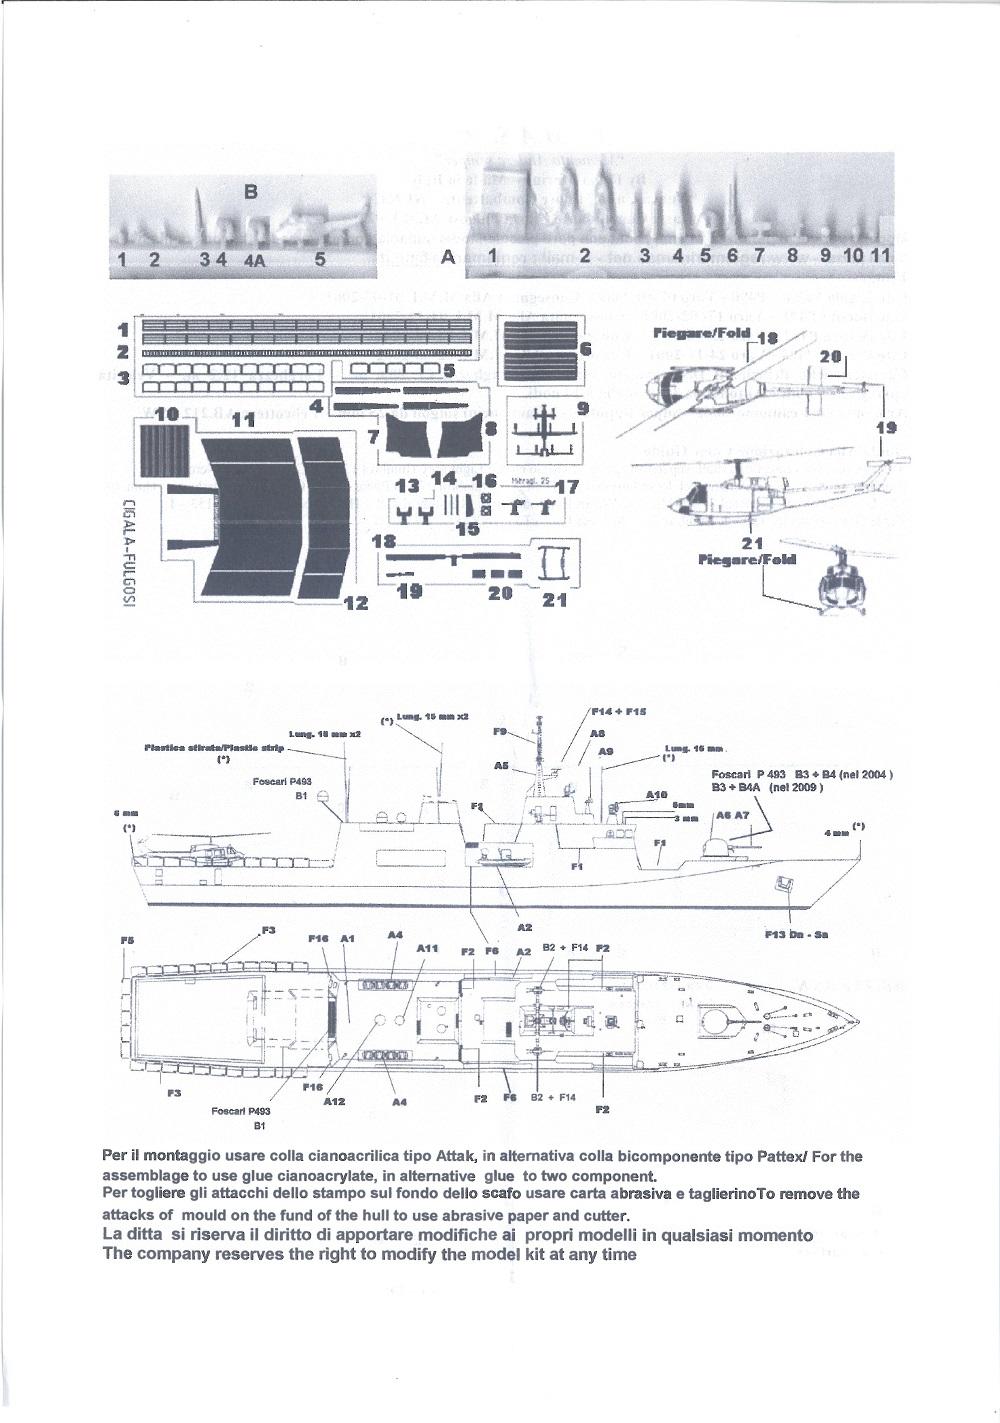 Foscari P493, Patrouilleur de la Classe Cigala Fulgosi 1/700 RM_022_Cigala_Fulgosi_02a